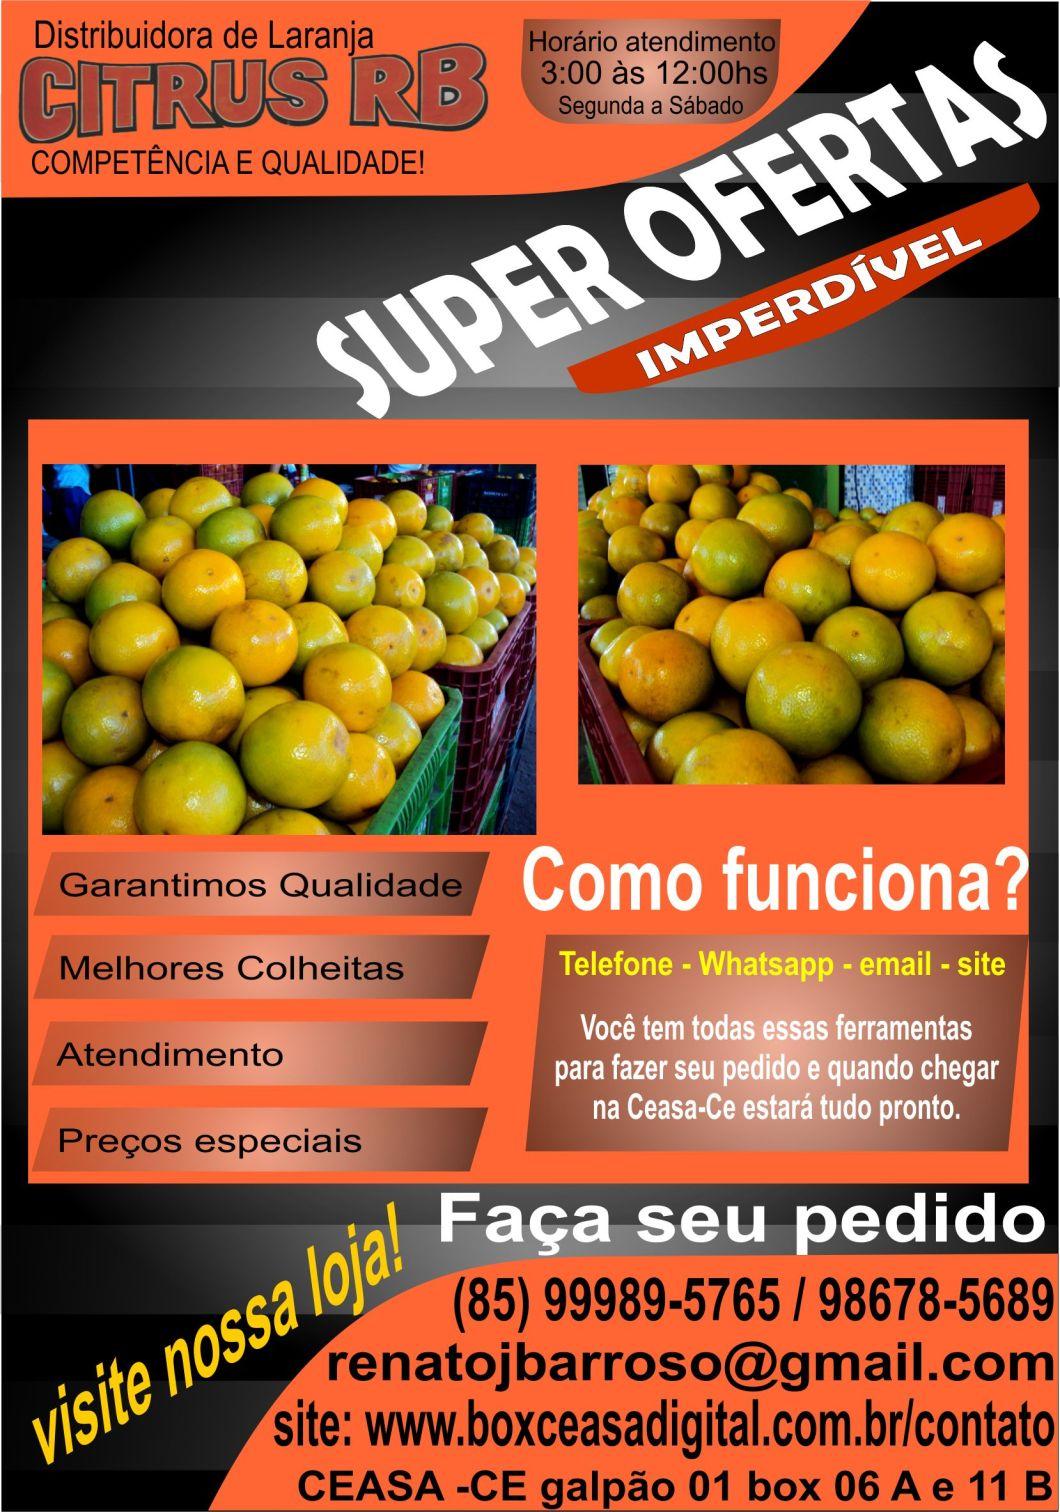 RB citrus